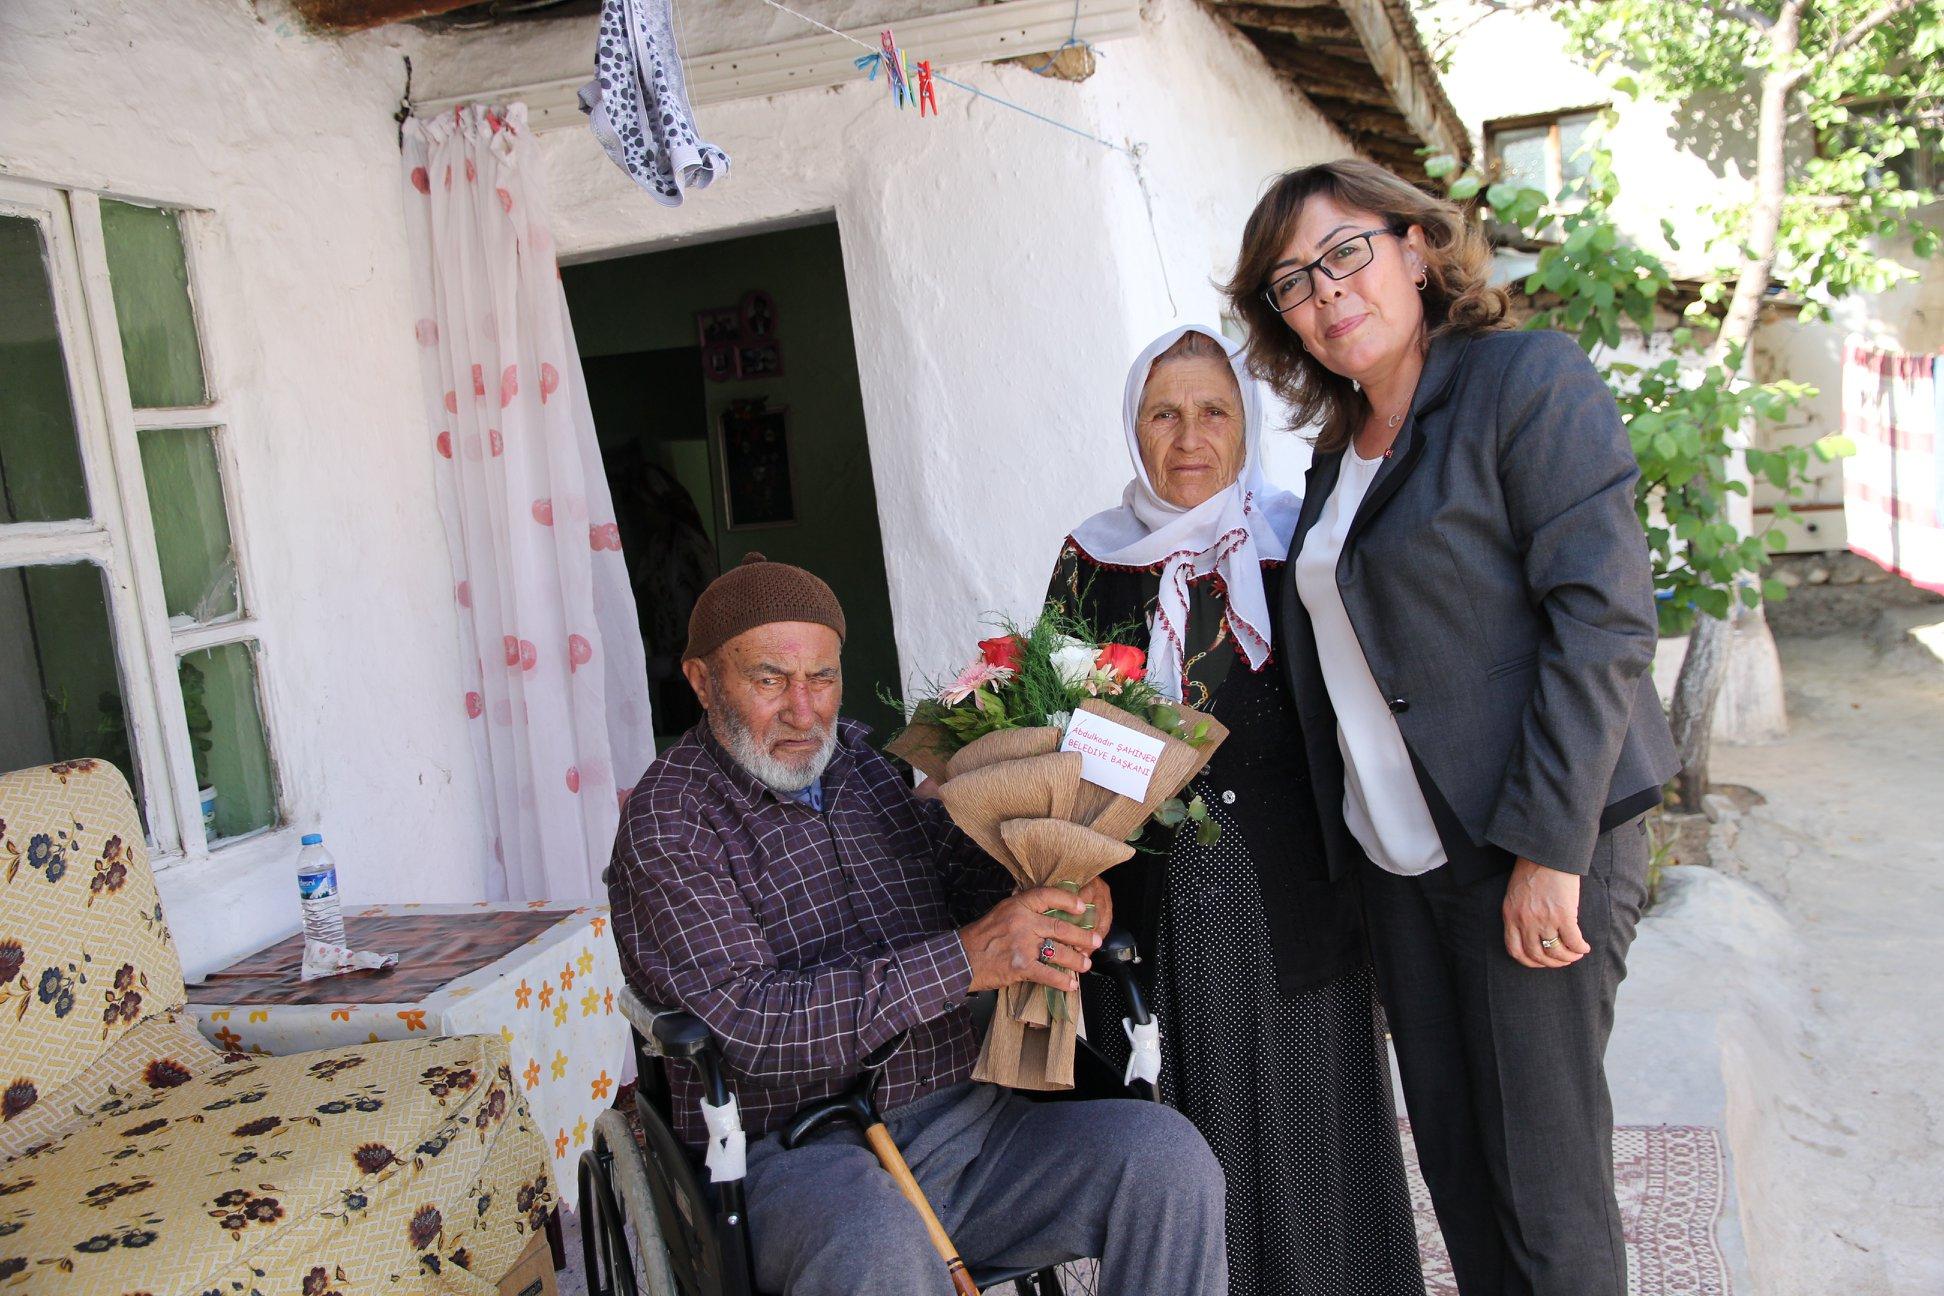 Engelli ve ihtiyaç sahibi vatandaşlara tekerlekli sandalye yardımında bulunan Sungurlu Belediyesi yine bir vatandaşın daha bu konuyla ilgili talebini yerine getirdi. | Sungurlu Haber